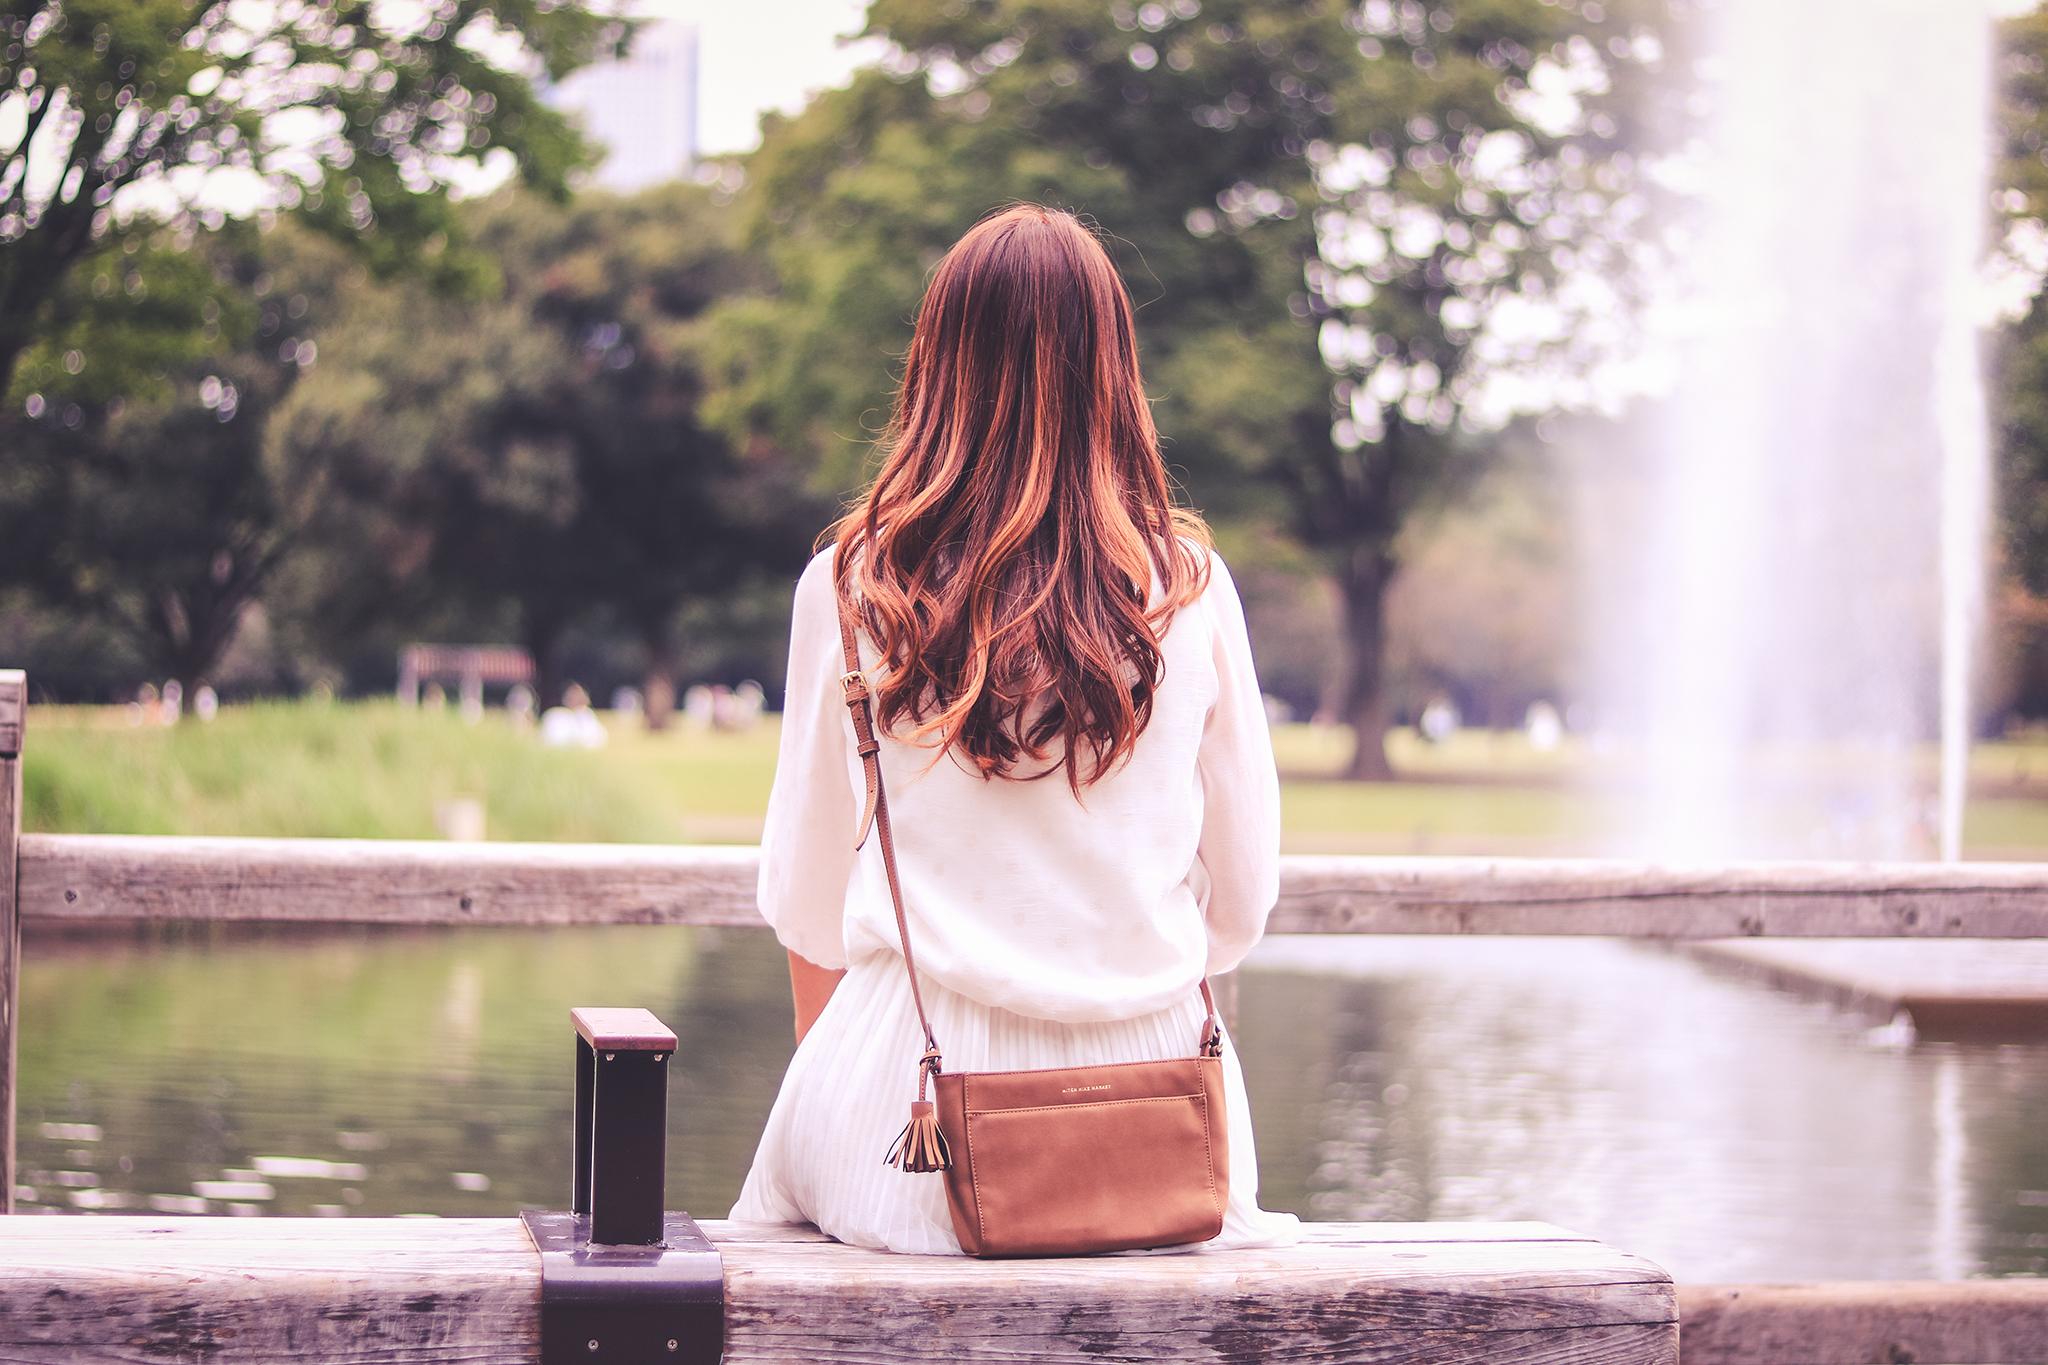 自分の価値が低いと落ち込んで噴水前に座っている女性の画像